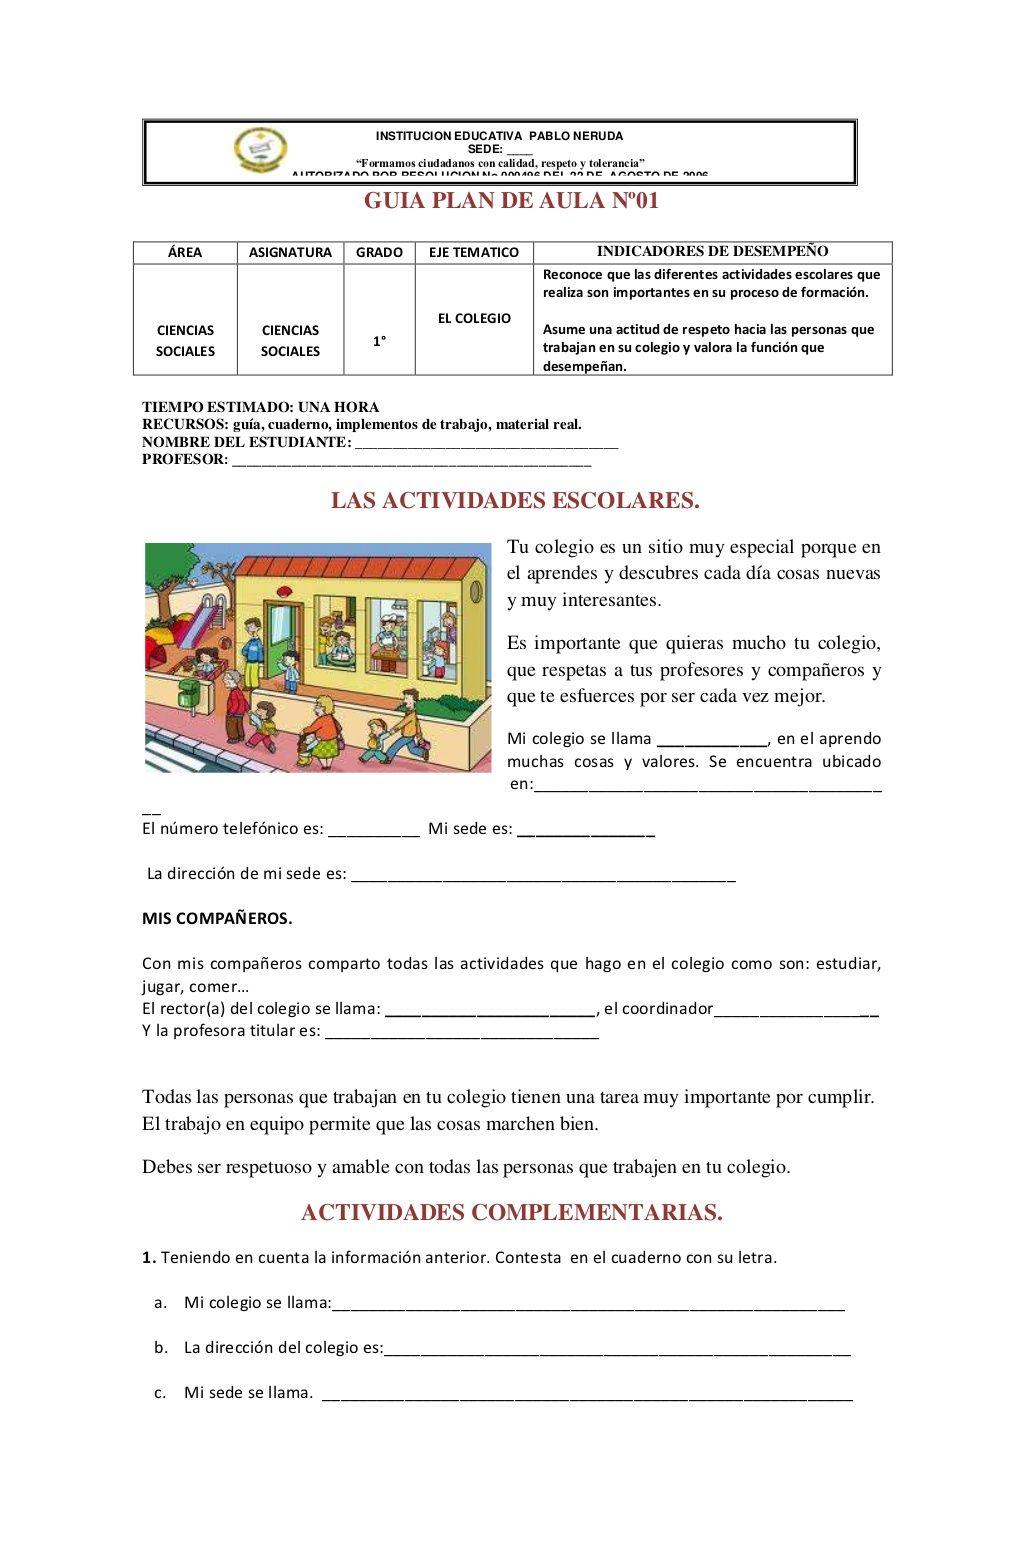 Institucion Educativa Pablo Neruda Ciencias Sociales Tecnicas De Enseñanza Aprendizaje Ciencias Sociales Primaria